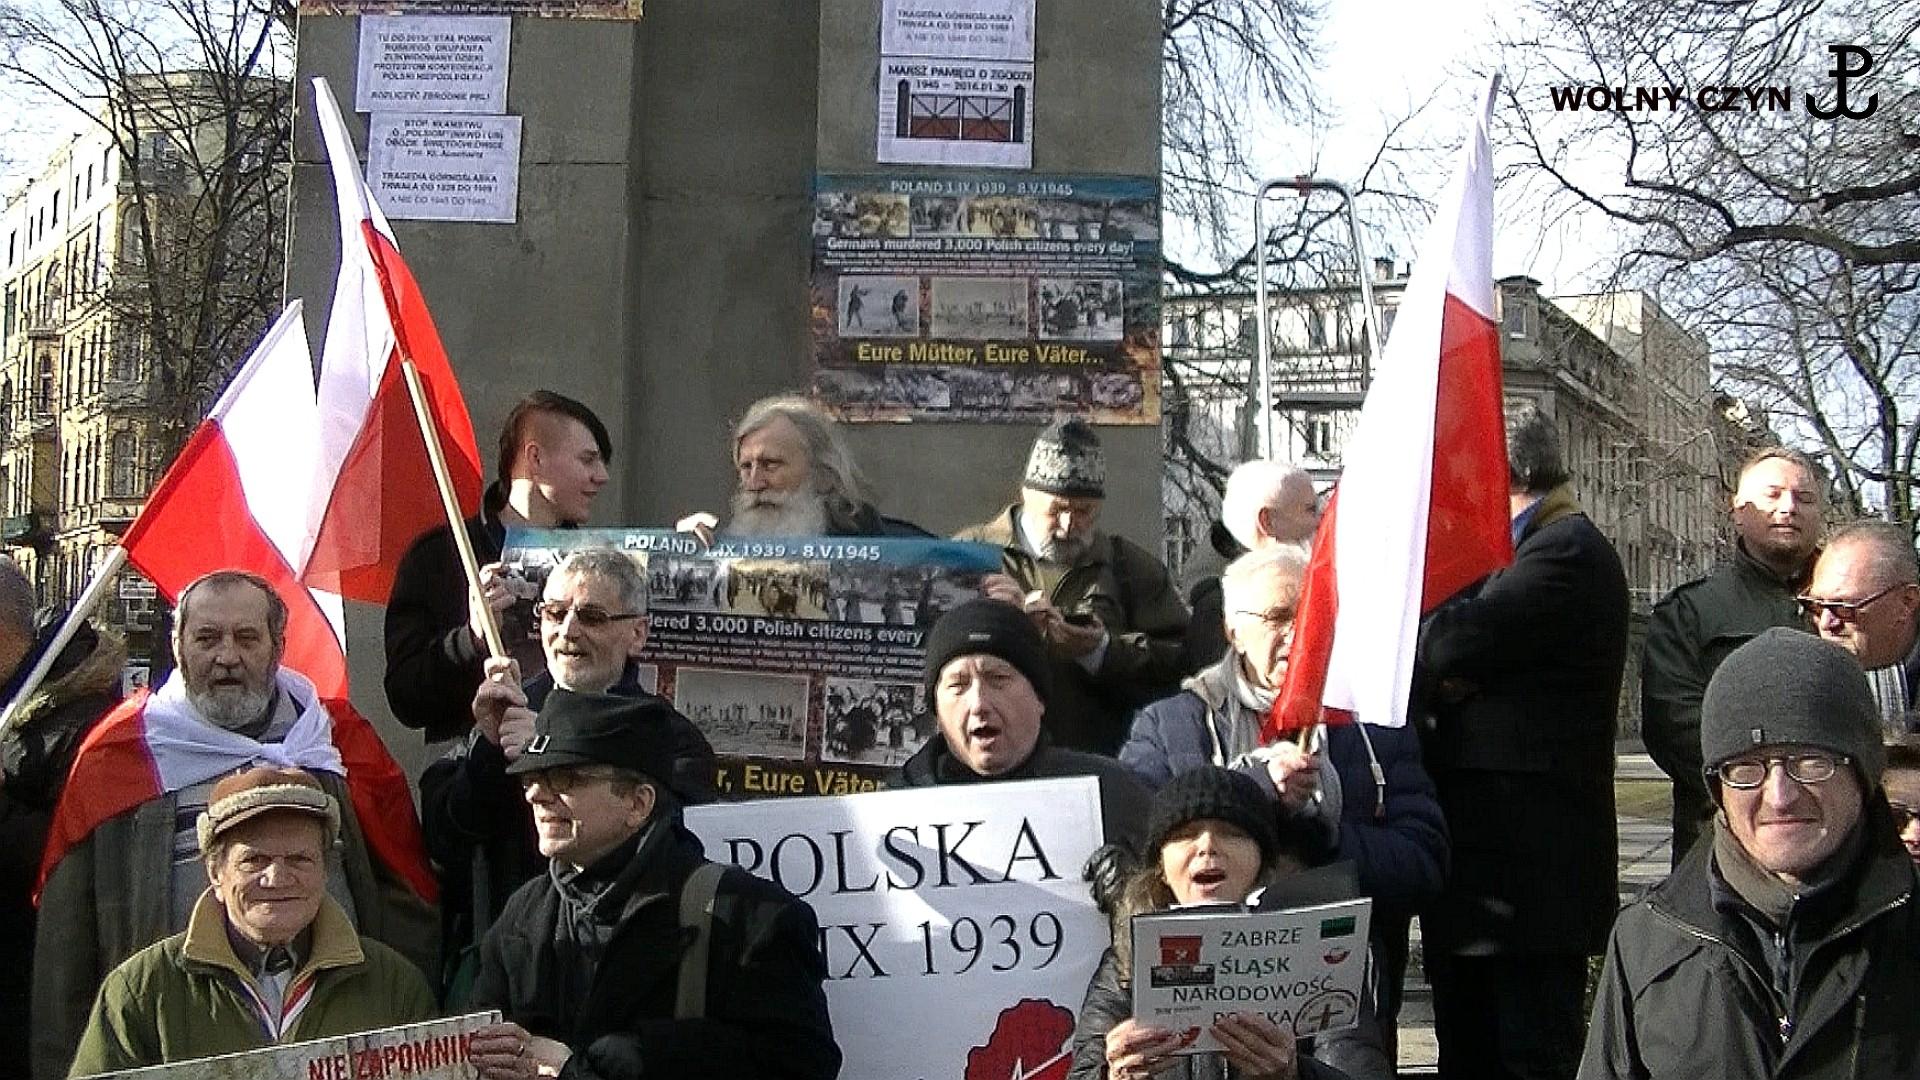 WOLNY CZYN: 30 stycznia Katowice – Polacy kontra V kolumna Niemiec